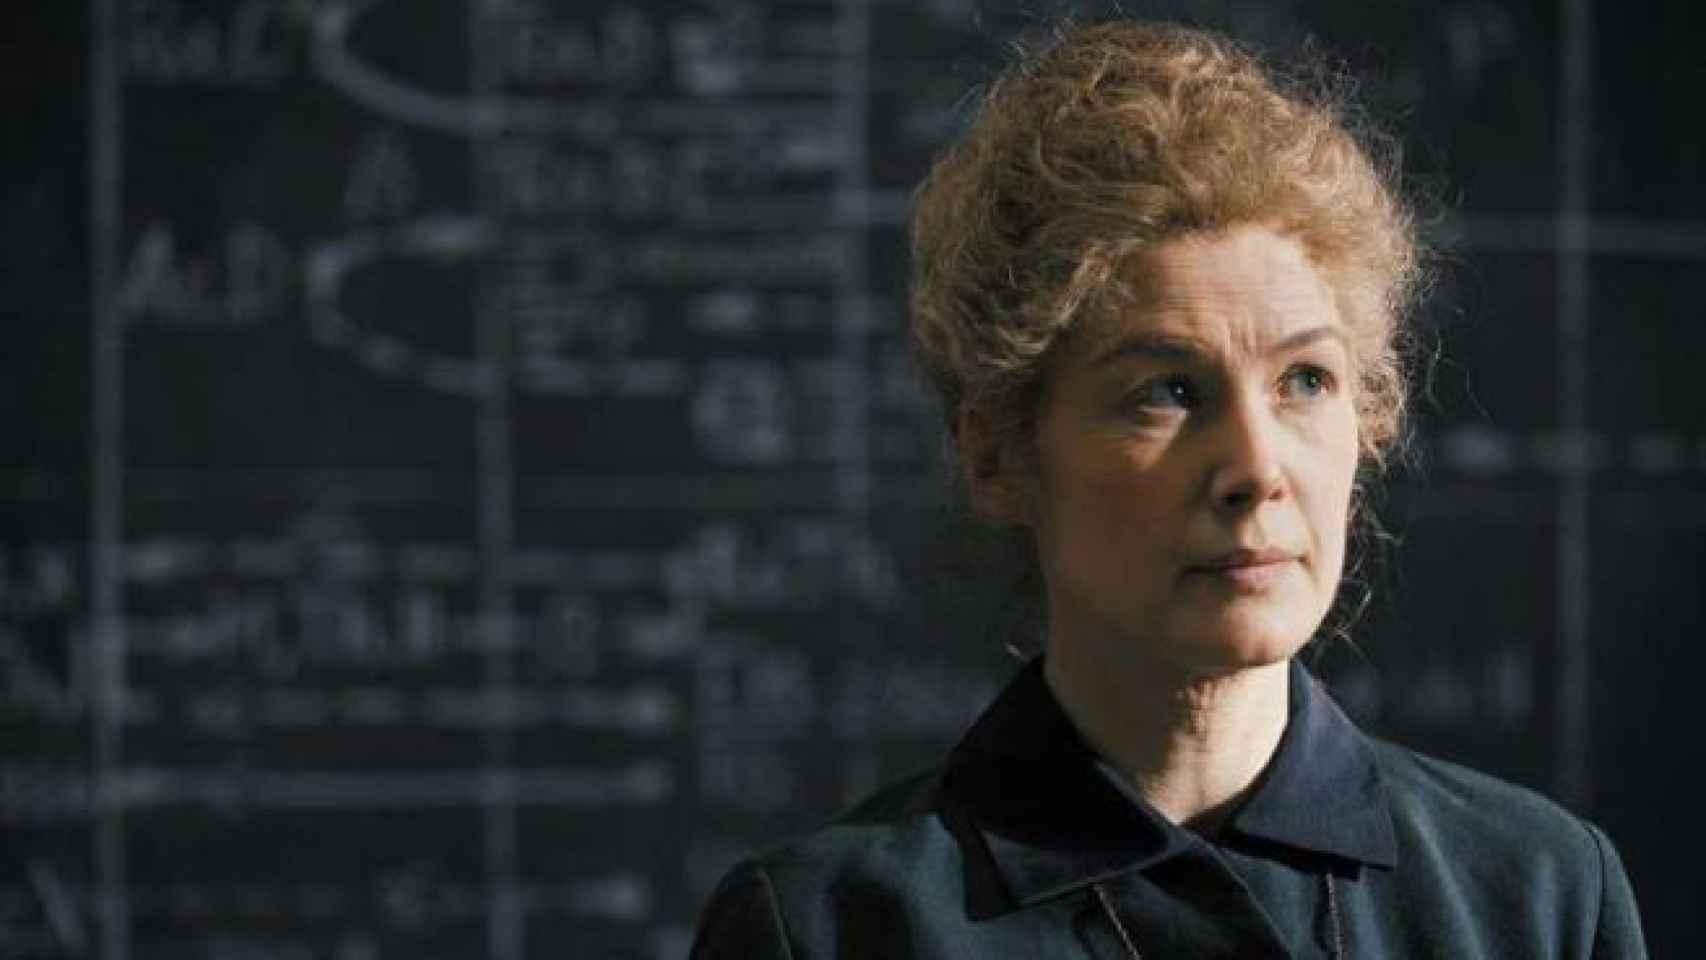 Un fragmento de la nueva película de 'Marie Curie', dirigida por Marjane Satrapi.